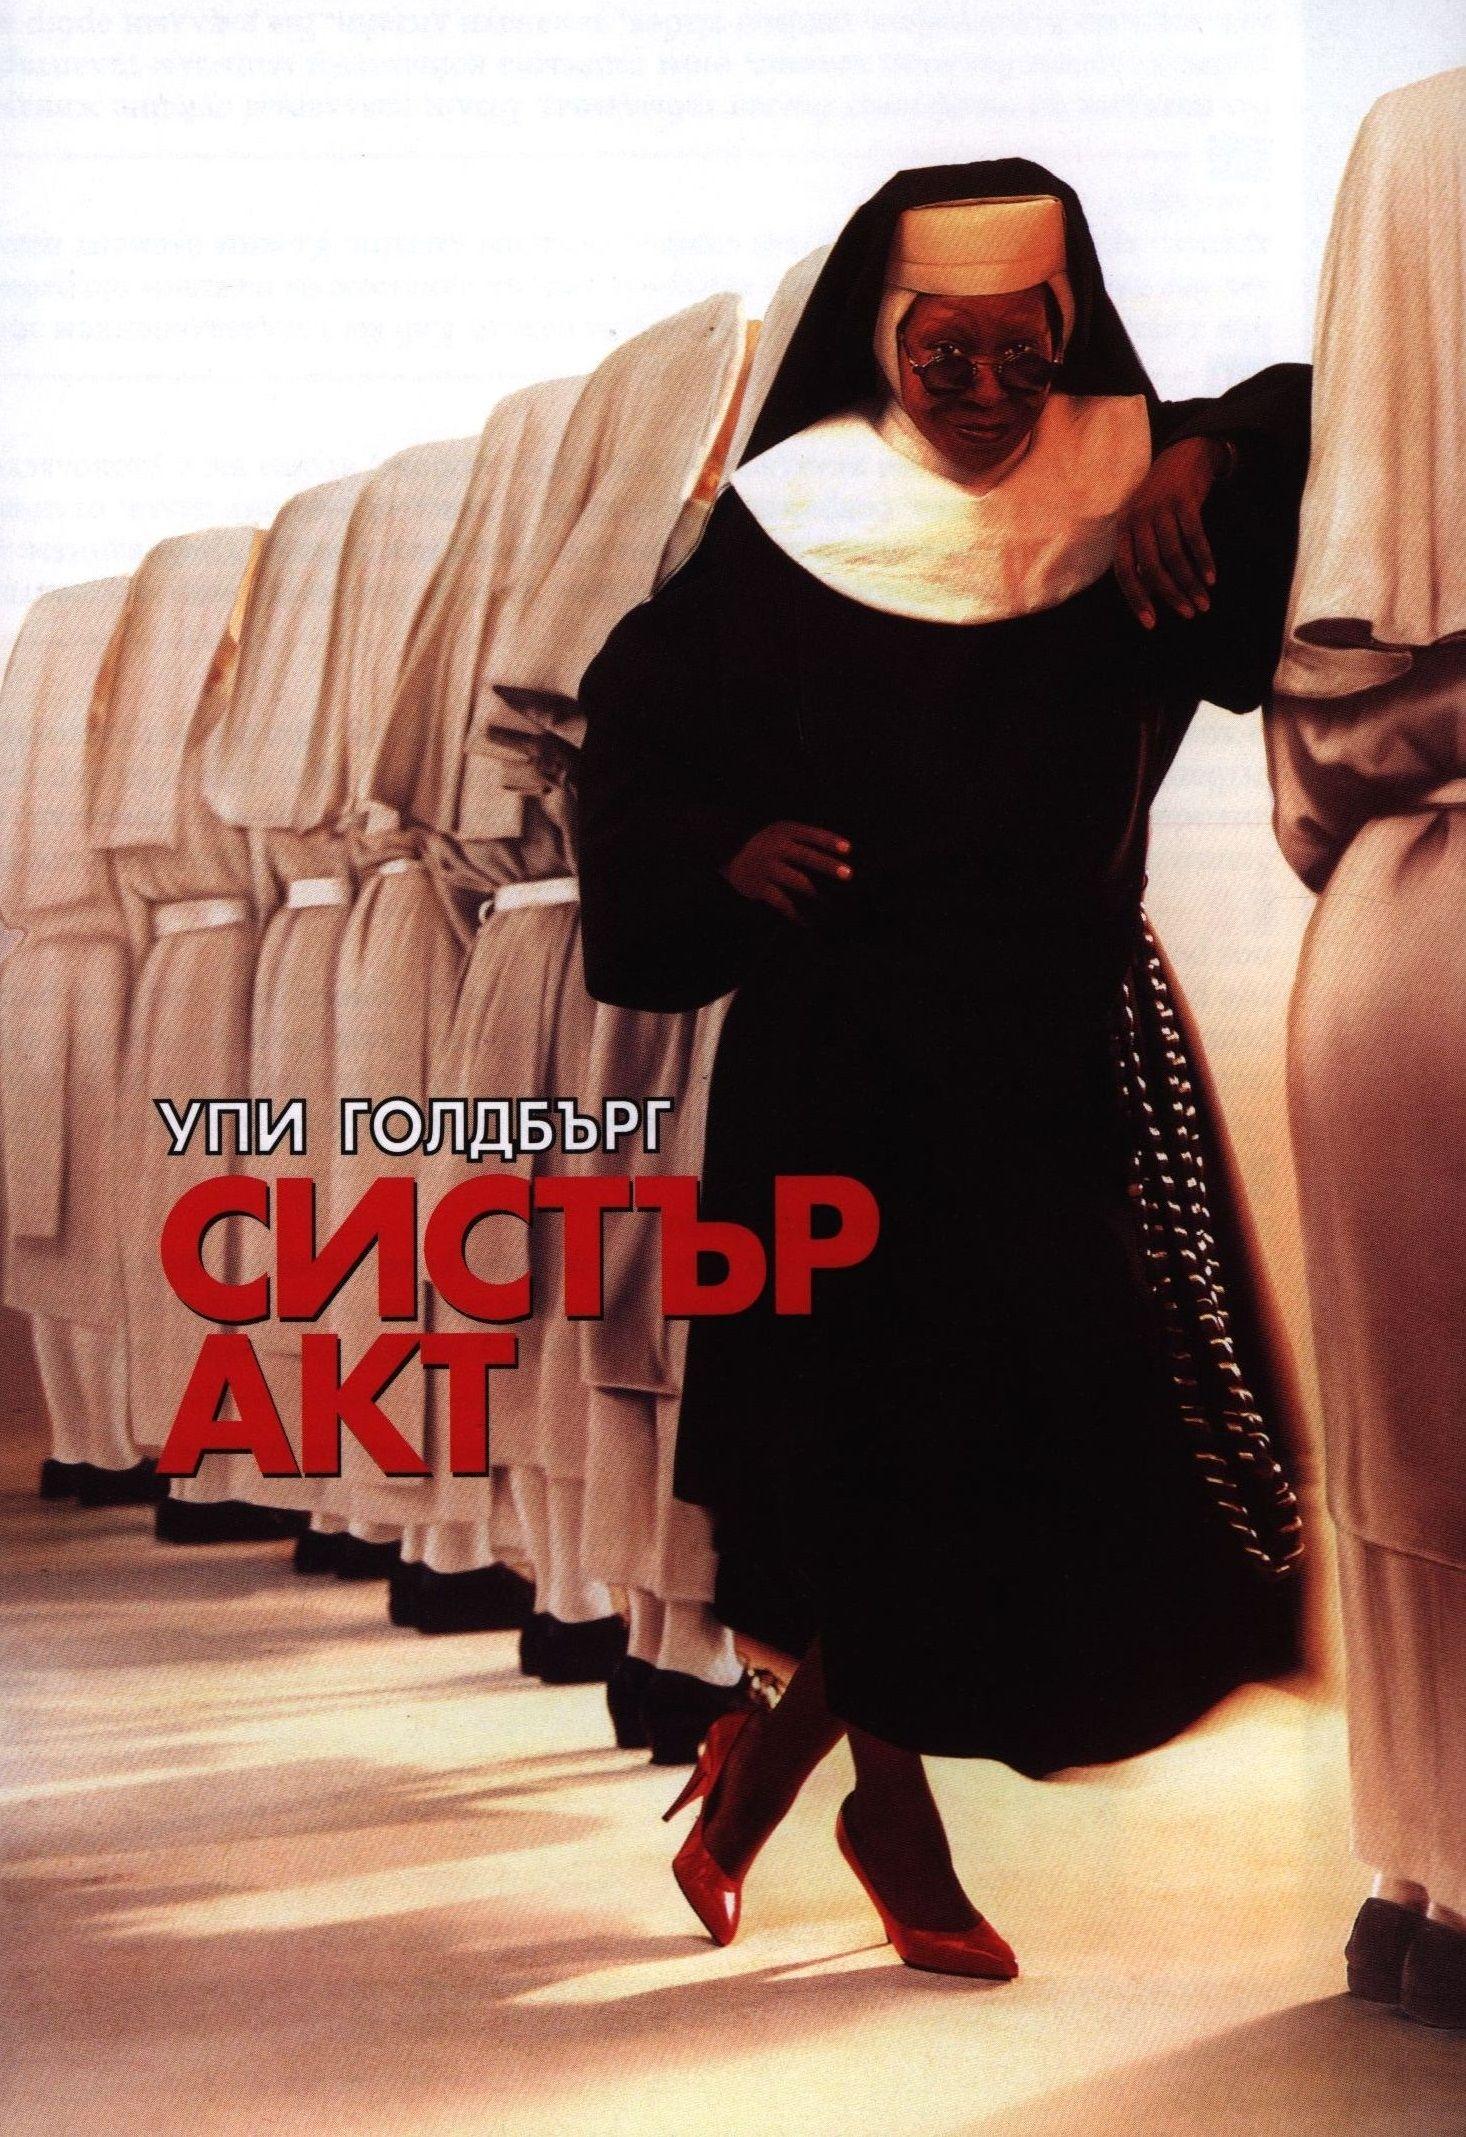 Систър акт (DVD) - 1